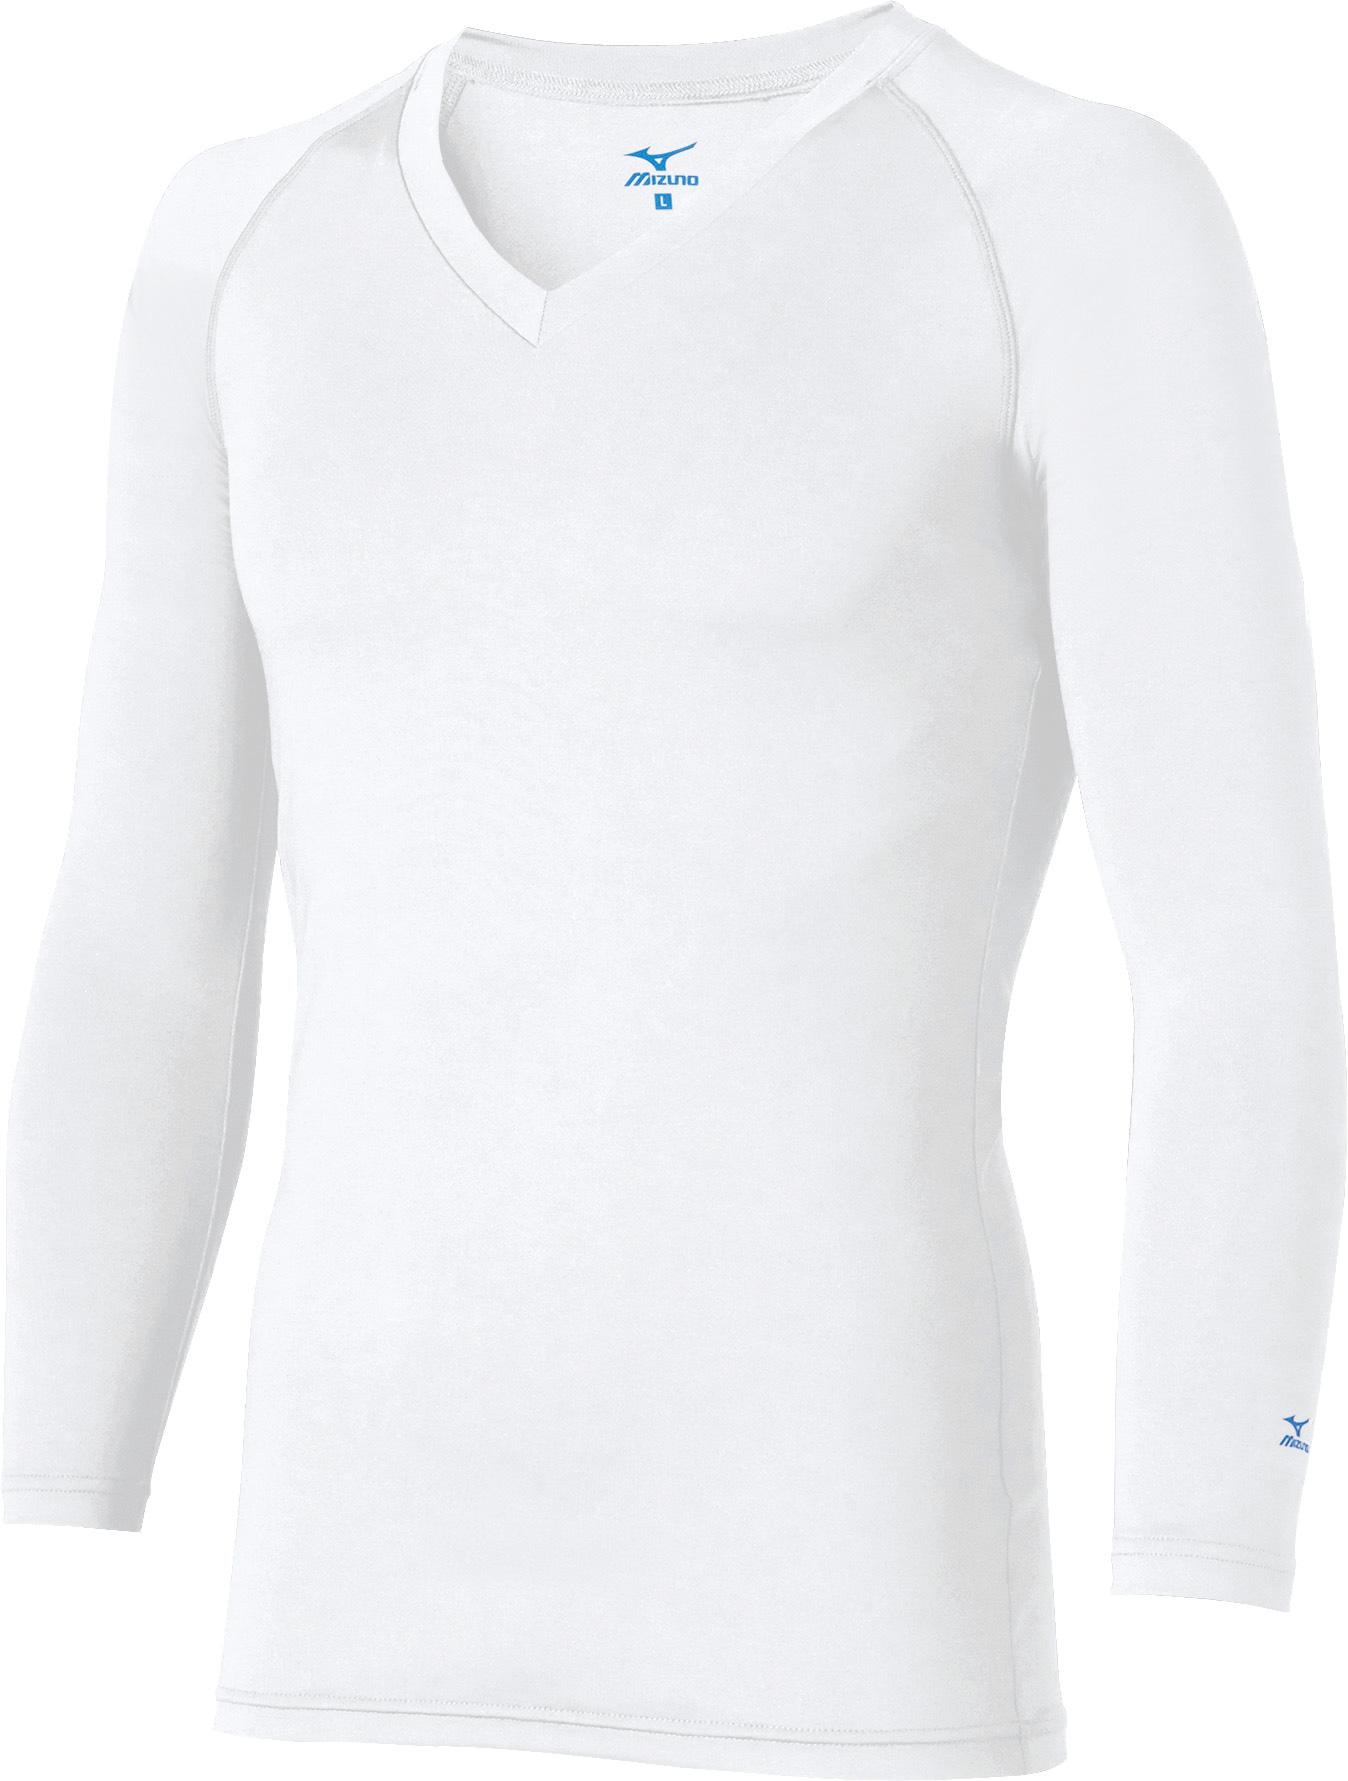 ミズノ アンダーウェア(9分袖)(メンズ)販売。刺繍、プリント加工対応します。研修医、医療チームウェアに人気